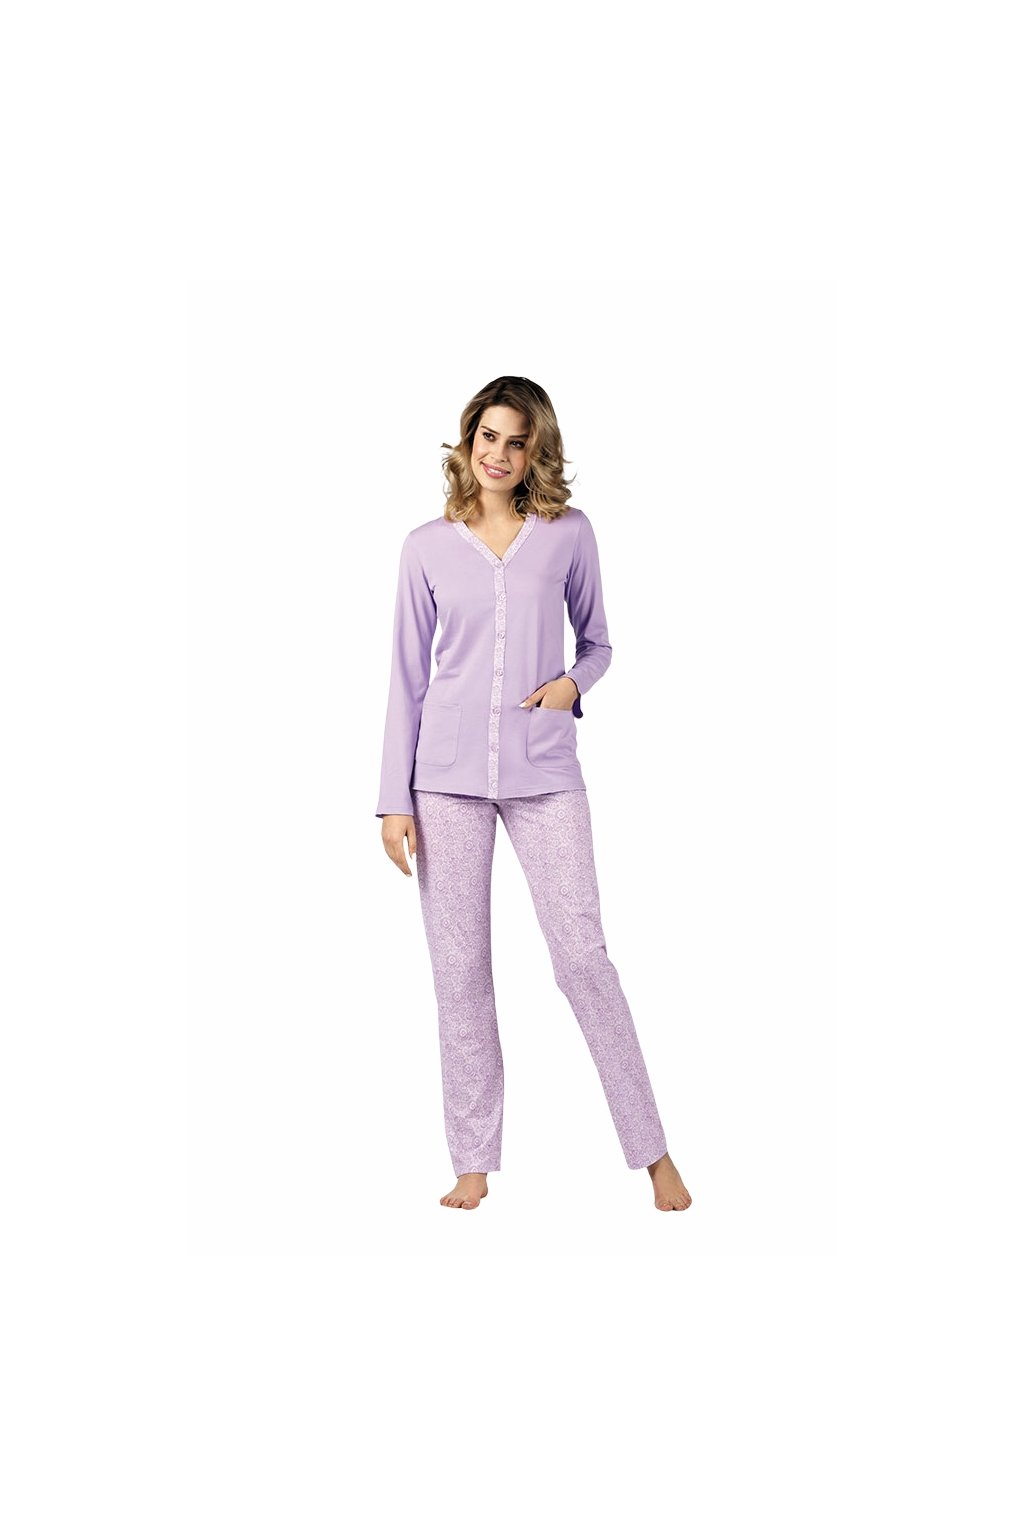 Dámské pyžamo s dlouhým rukávem, 104426 334, fialová